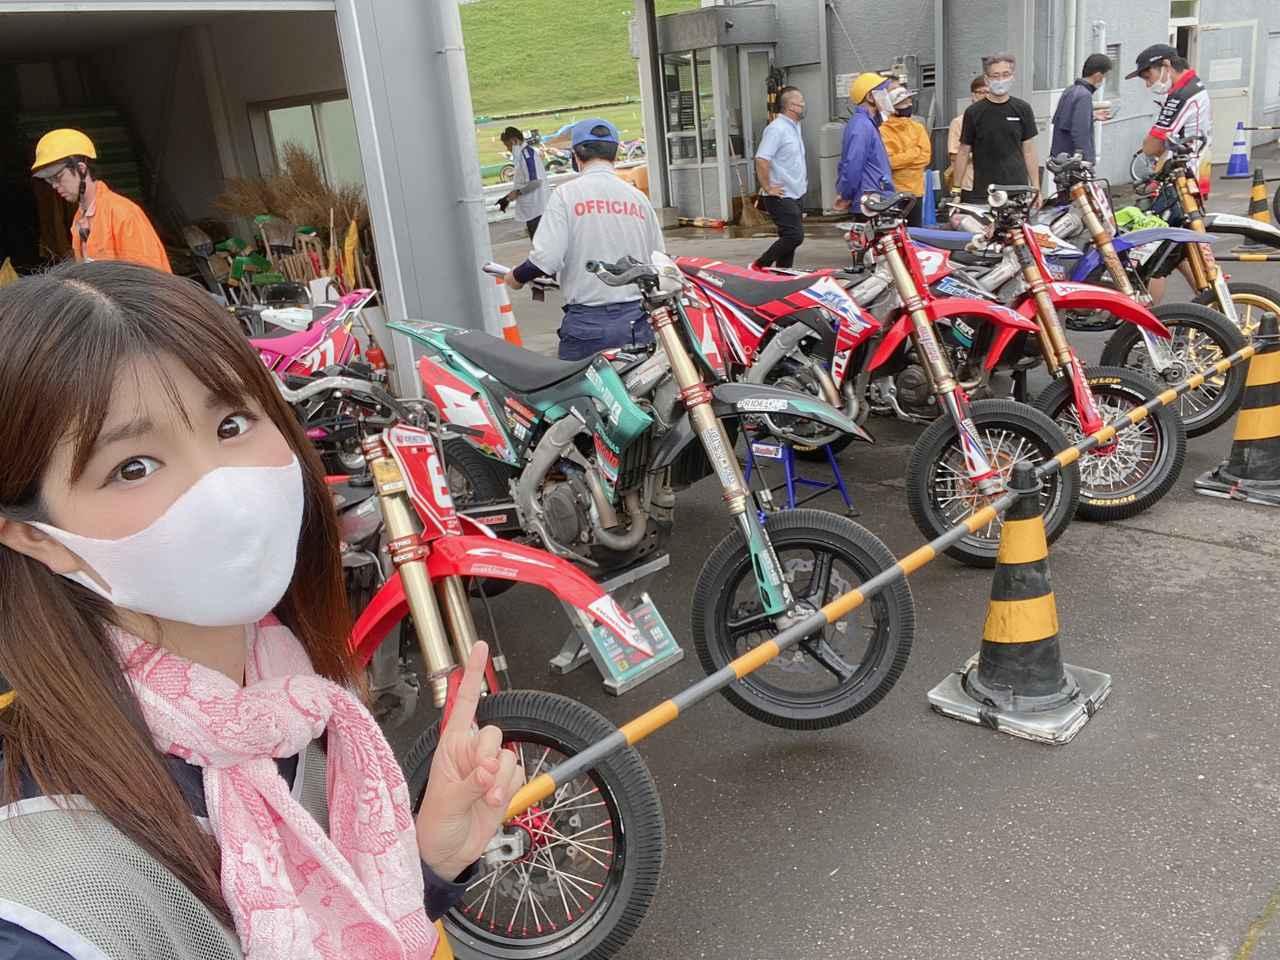 画像: 全日本スーパーモト観戦記☆荒れた天気のレース後、みんなの笑顔が印象的でした!(梅本まどか) - webオートバイ